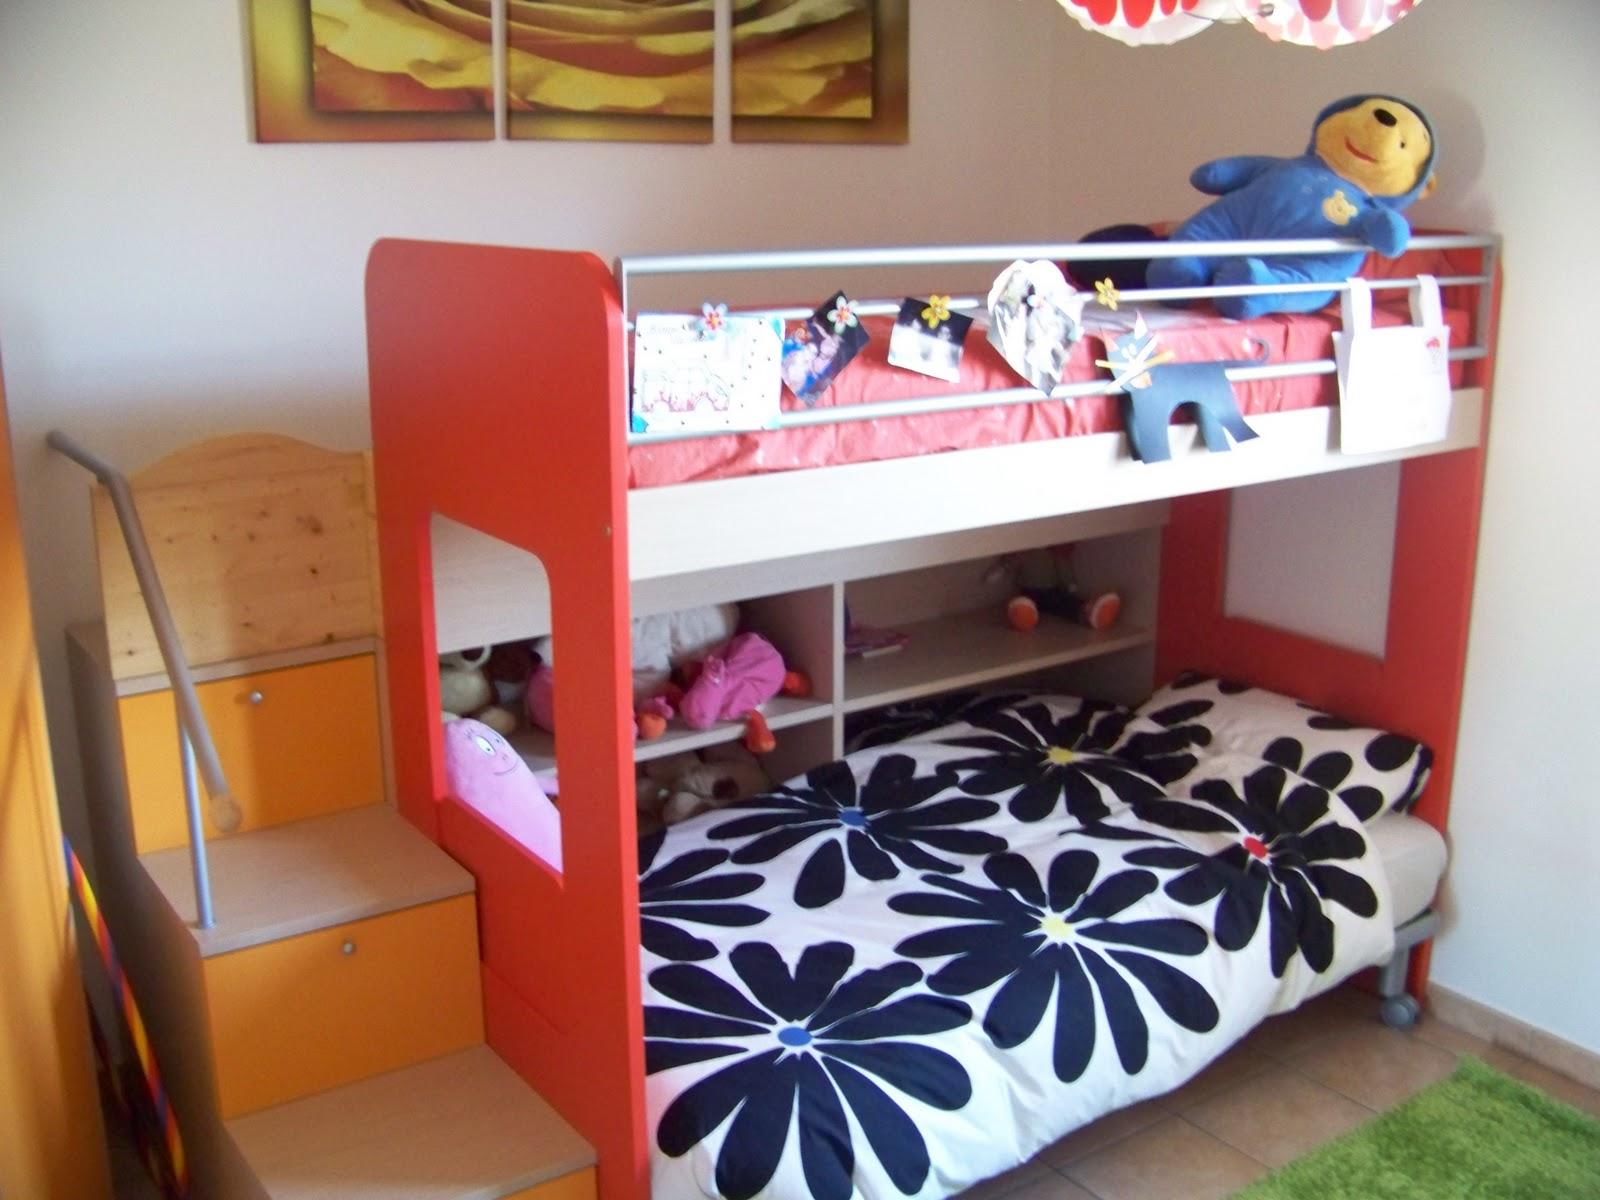 Mamma giochiamo una stanza per giocare la camera dei bimbi - Letti bimbi ikea ...